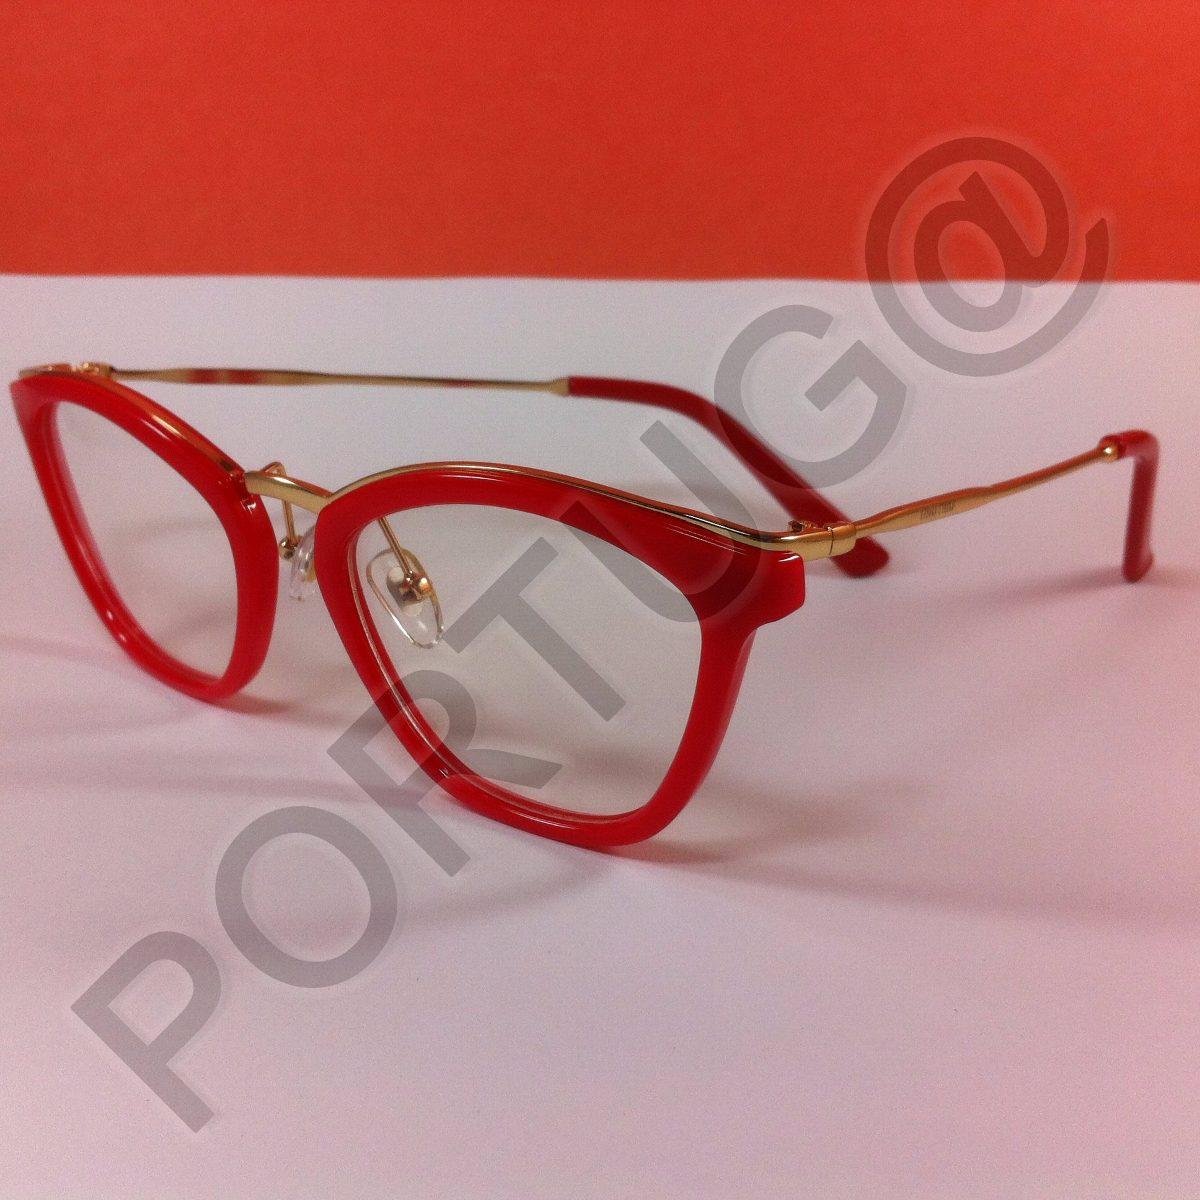 a5a493ec5a71e armação vermelha dourada feminina mulher óculos lentes grau. Carregando  zoom.